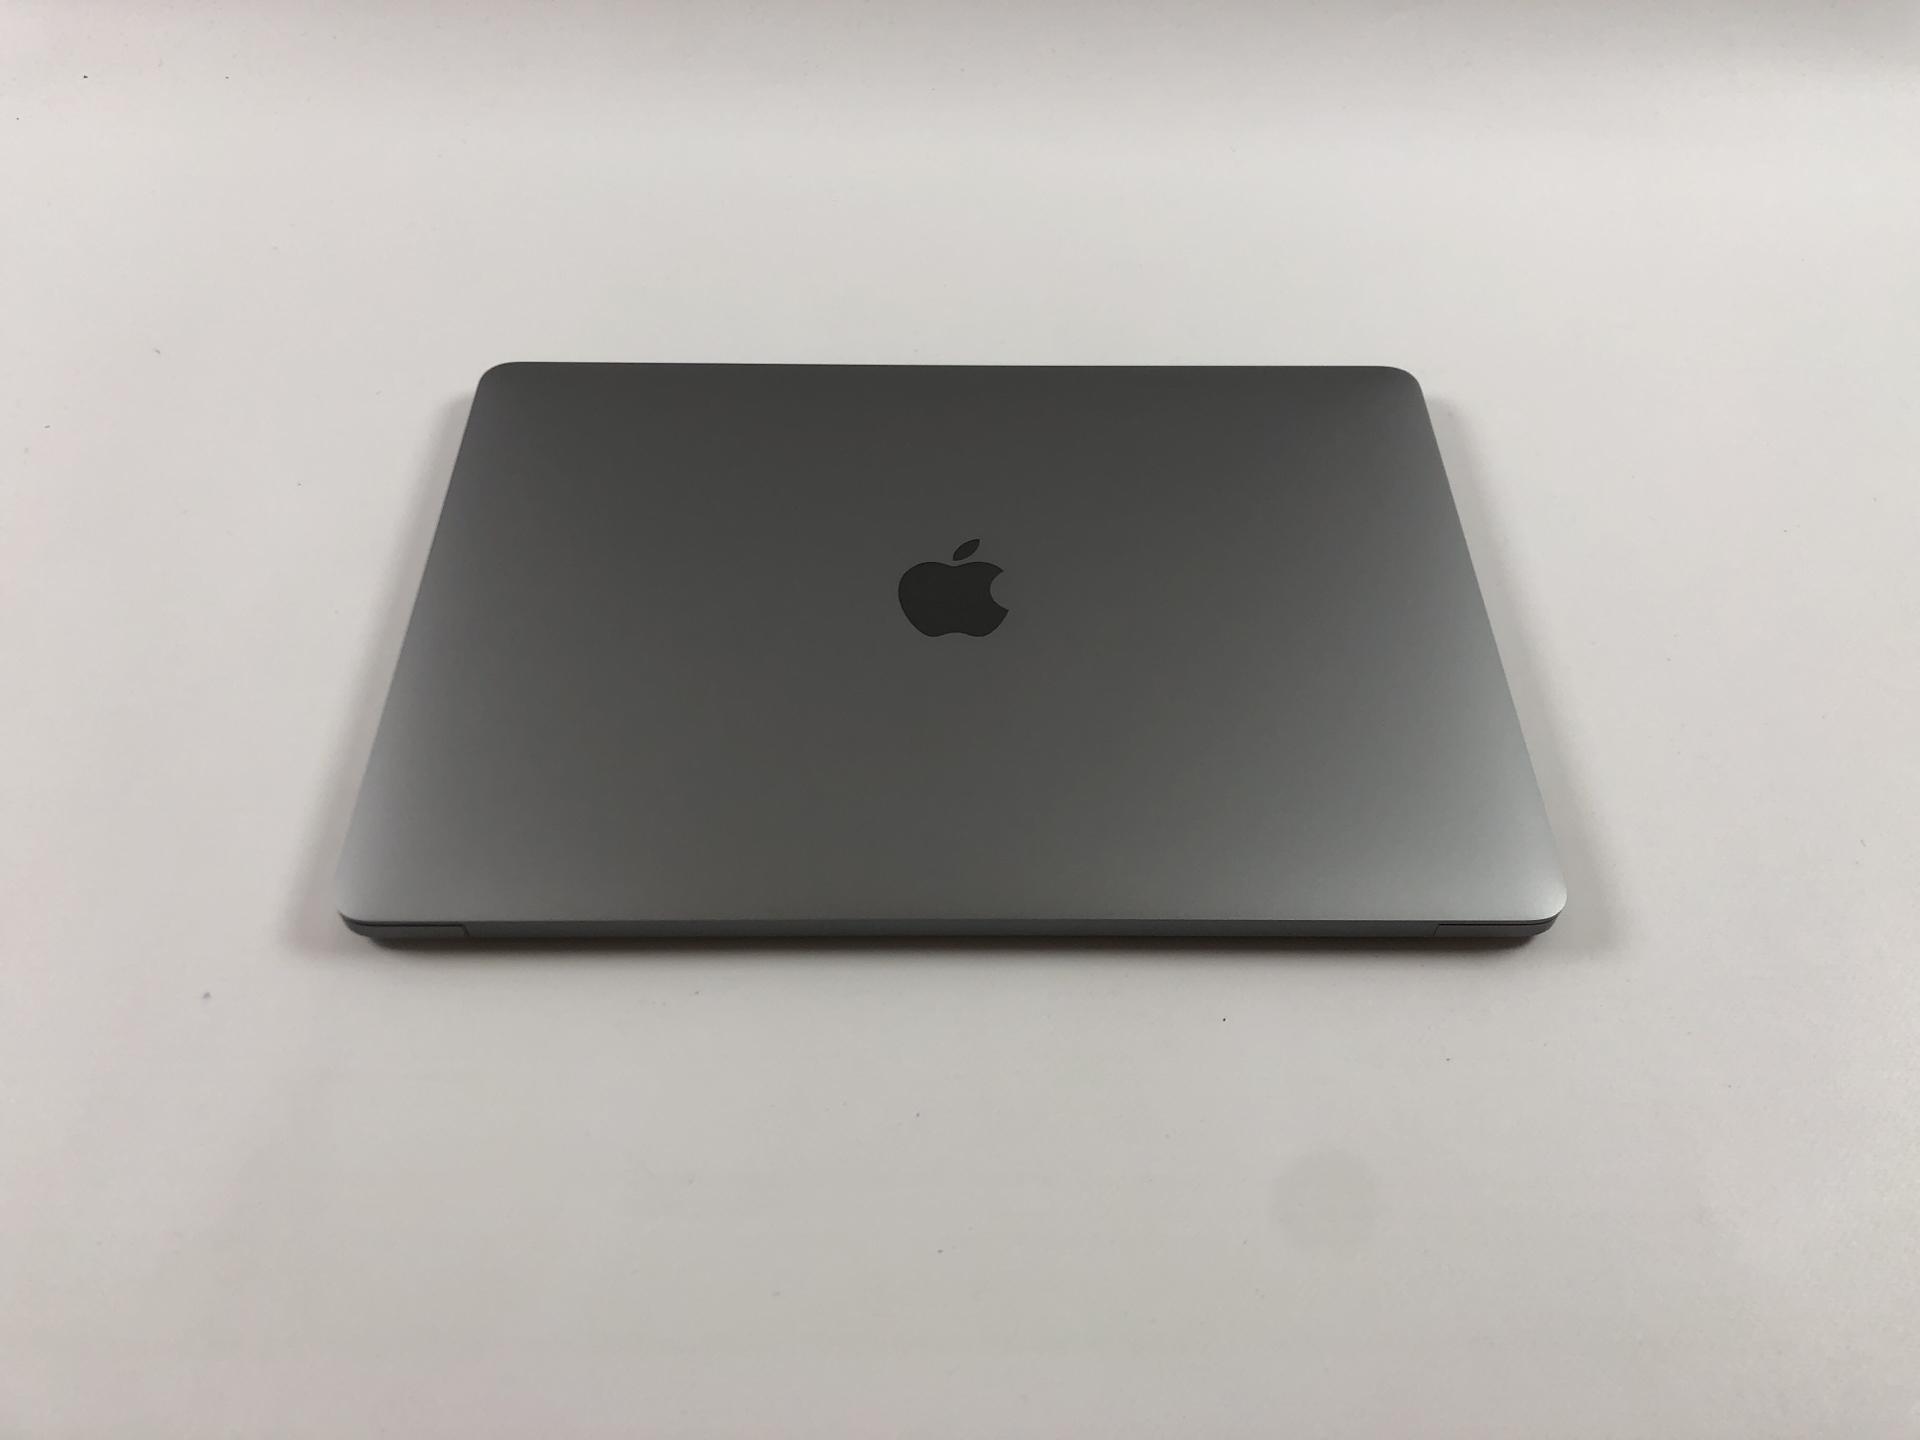 """MacBook Pro 13"""" 4TBT Mid 2018 (Intel Quad-Core i7 2.7 GHz 16 GB RAM 1 TB SSD), Space Gray, Intel Quad-Core i7 2.7 GHz, 16 GB RAM, 1 TB SSD, Afbeelding 3"""